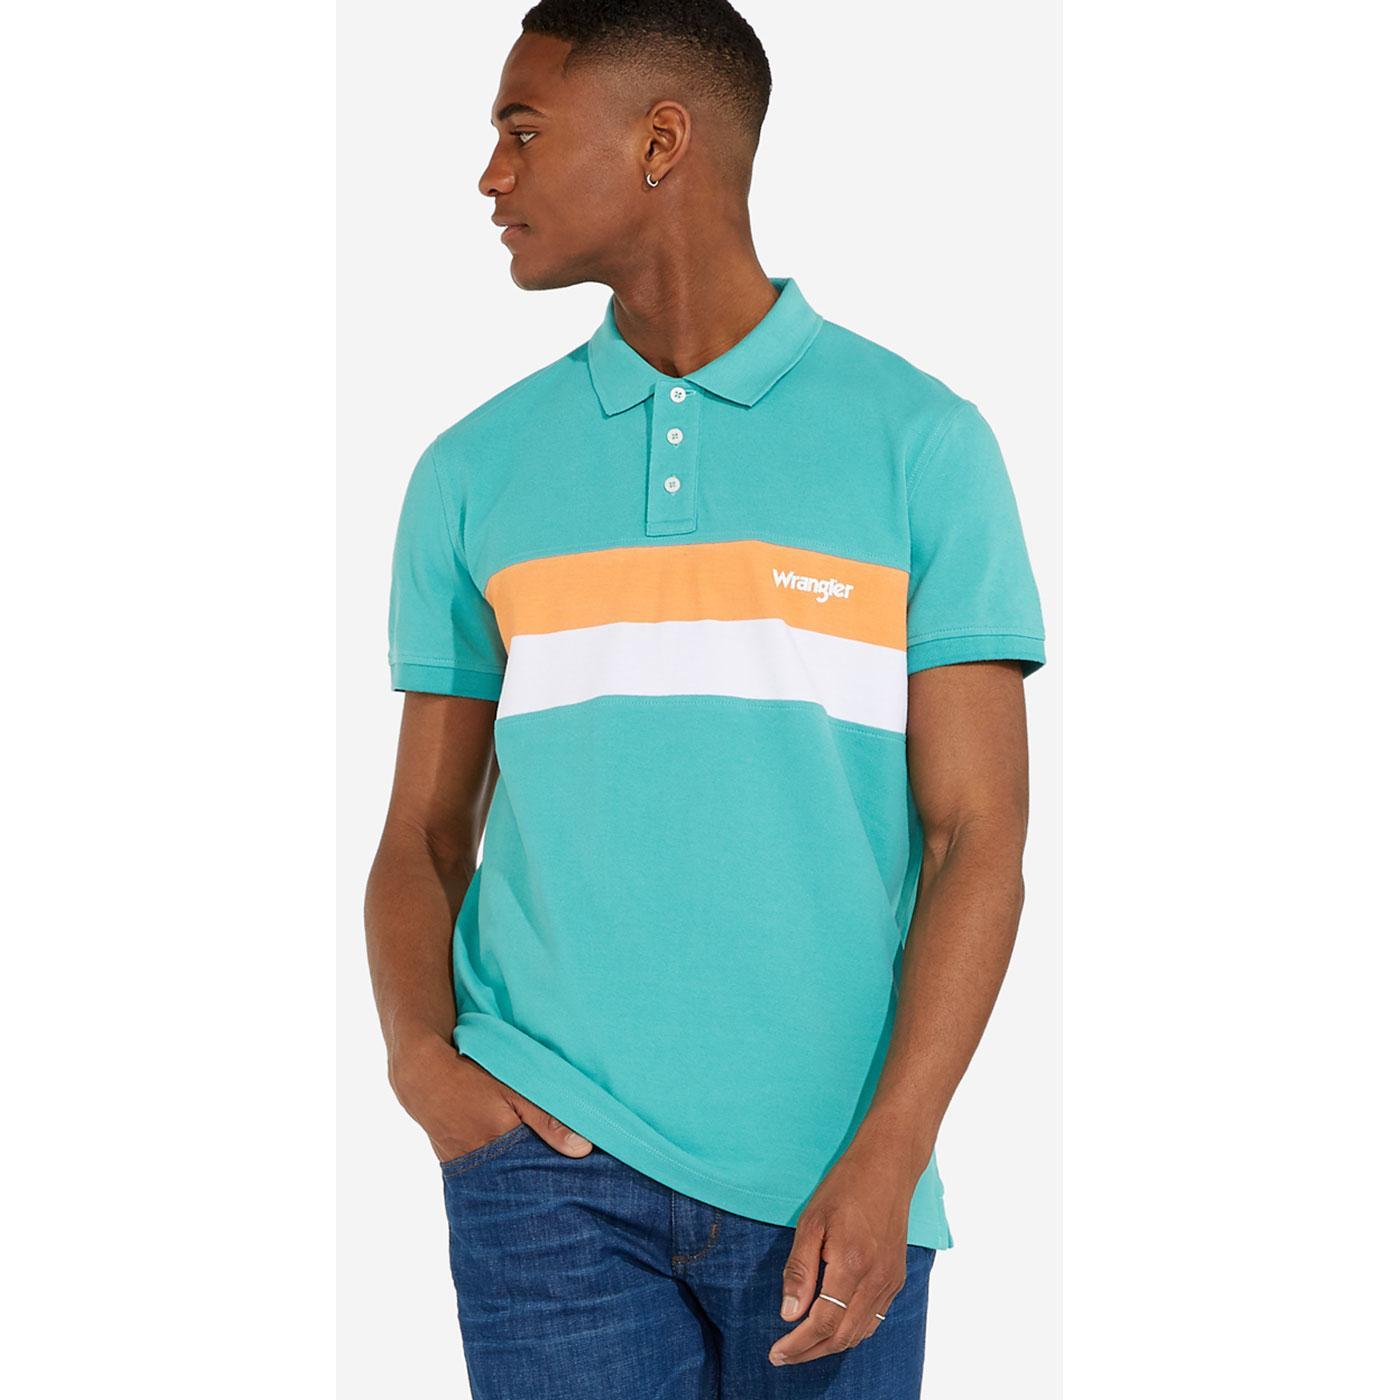 WRANGLER Men's Mod Chest Stripe Pique Polo Shirt